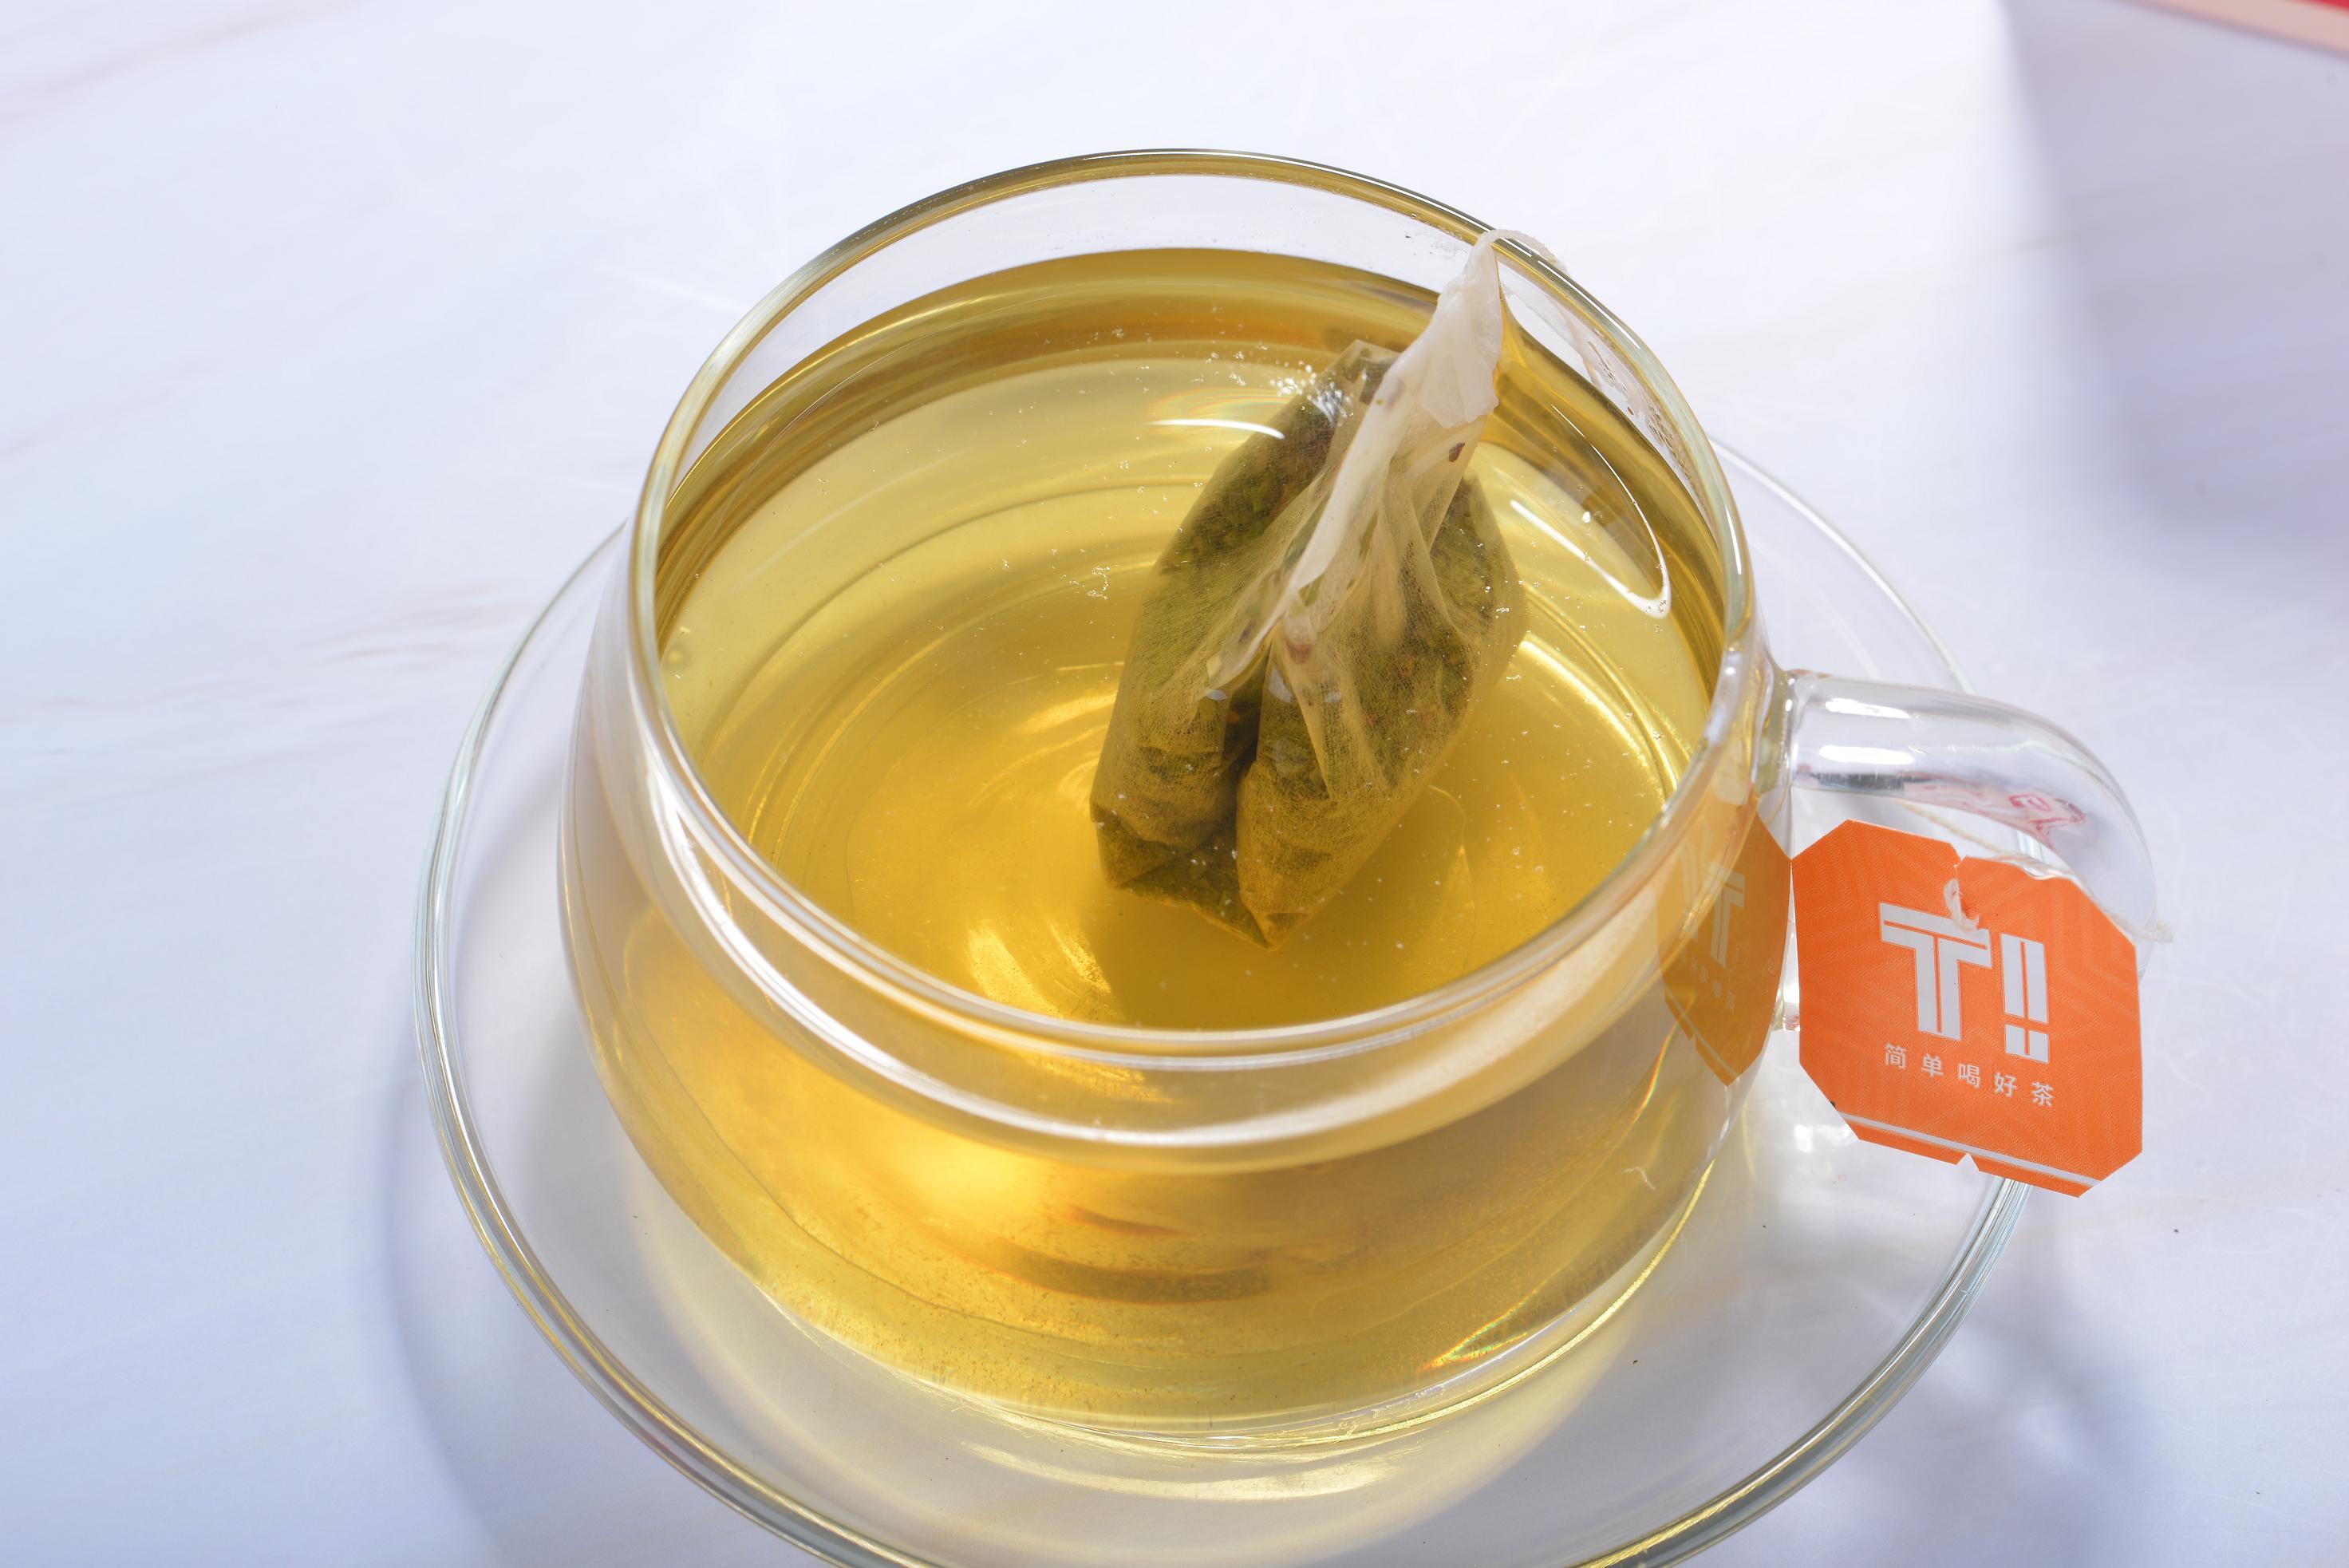 买二送一 再加工茶袋泡茶系列 乌龙茶 袋泡茶 美灵宝